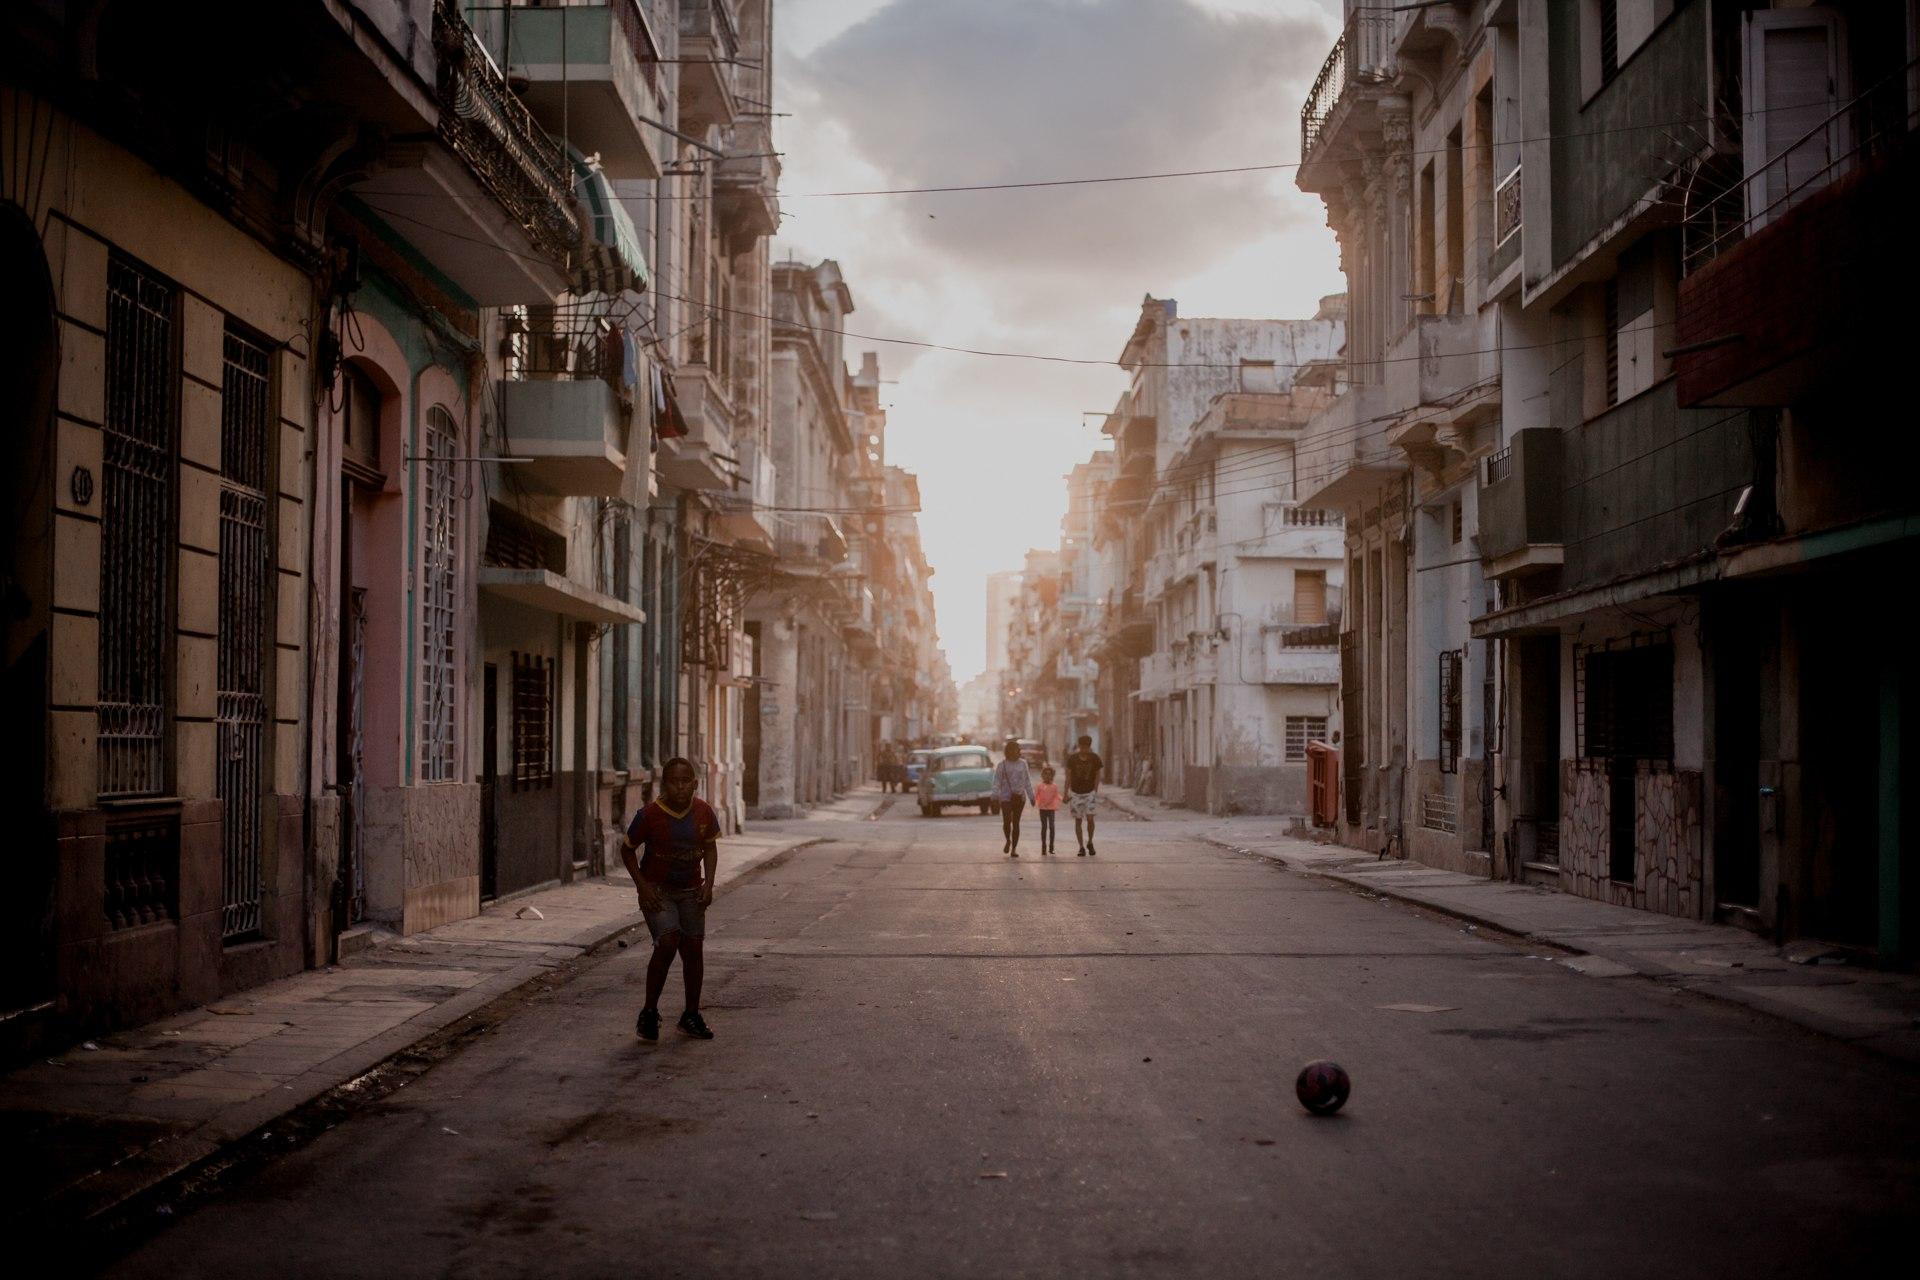 Hawana - ulice, zabytki, ciekawe miejsca w stolicy Kuby